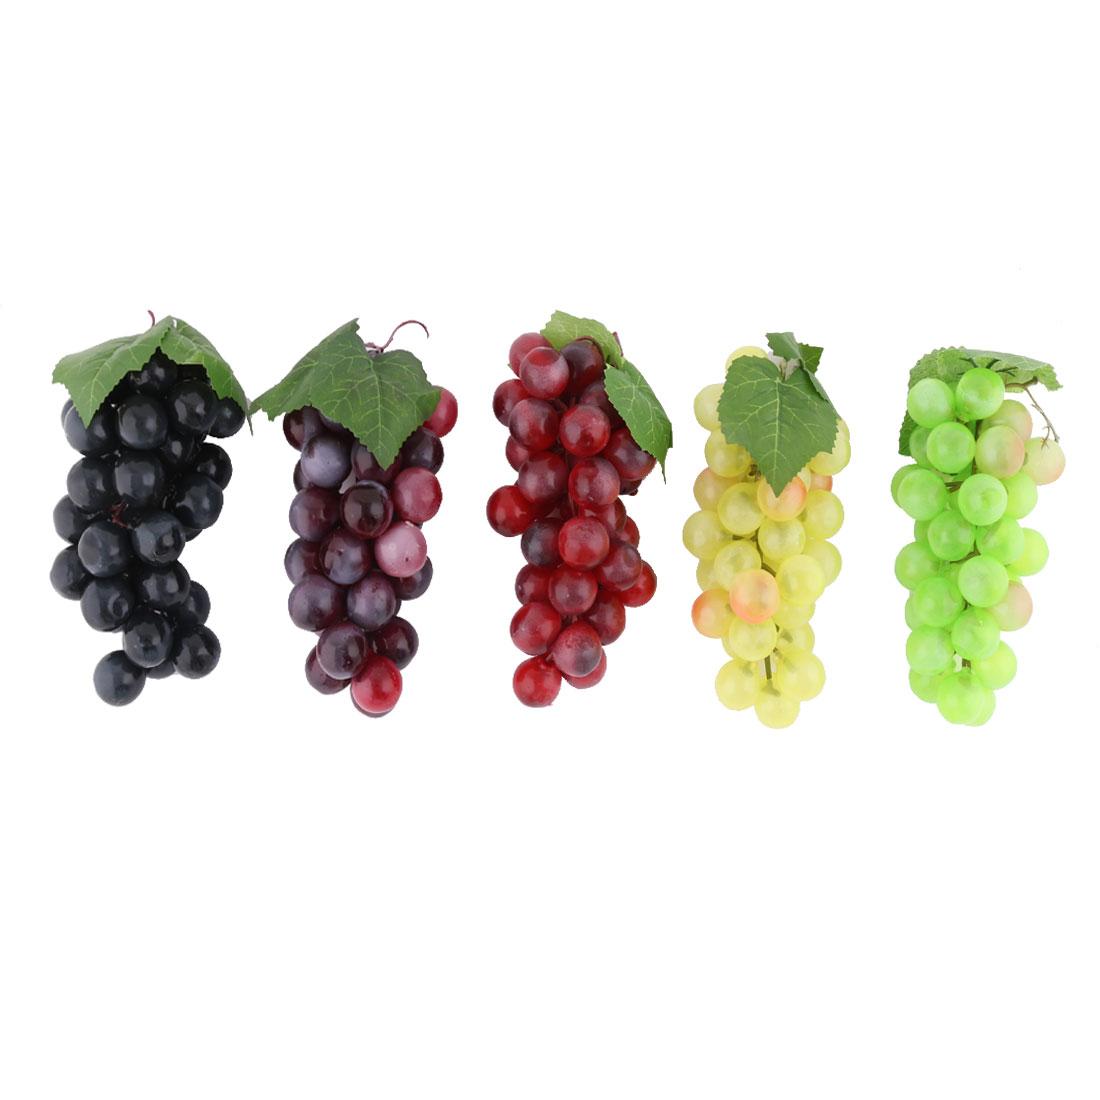 Family Plastic Desk Table Decoration Simulation Artificial Fruit Grape 5 Pcs